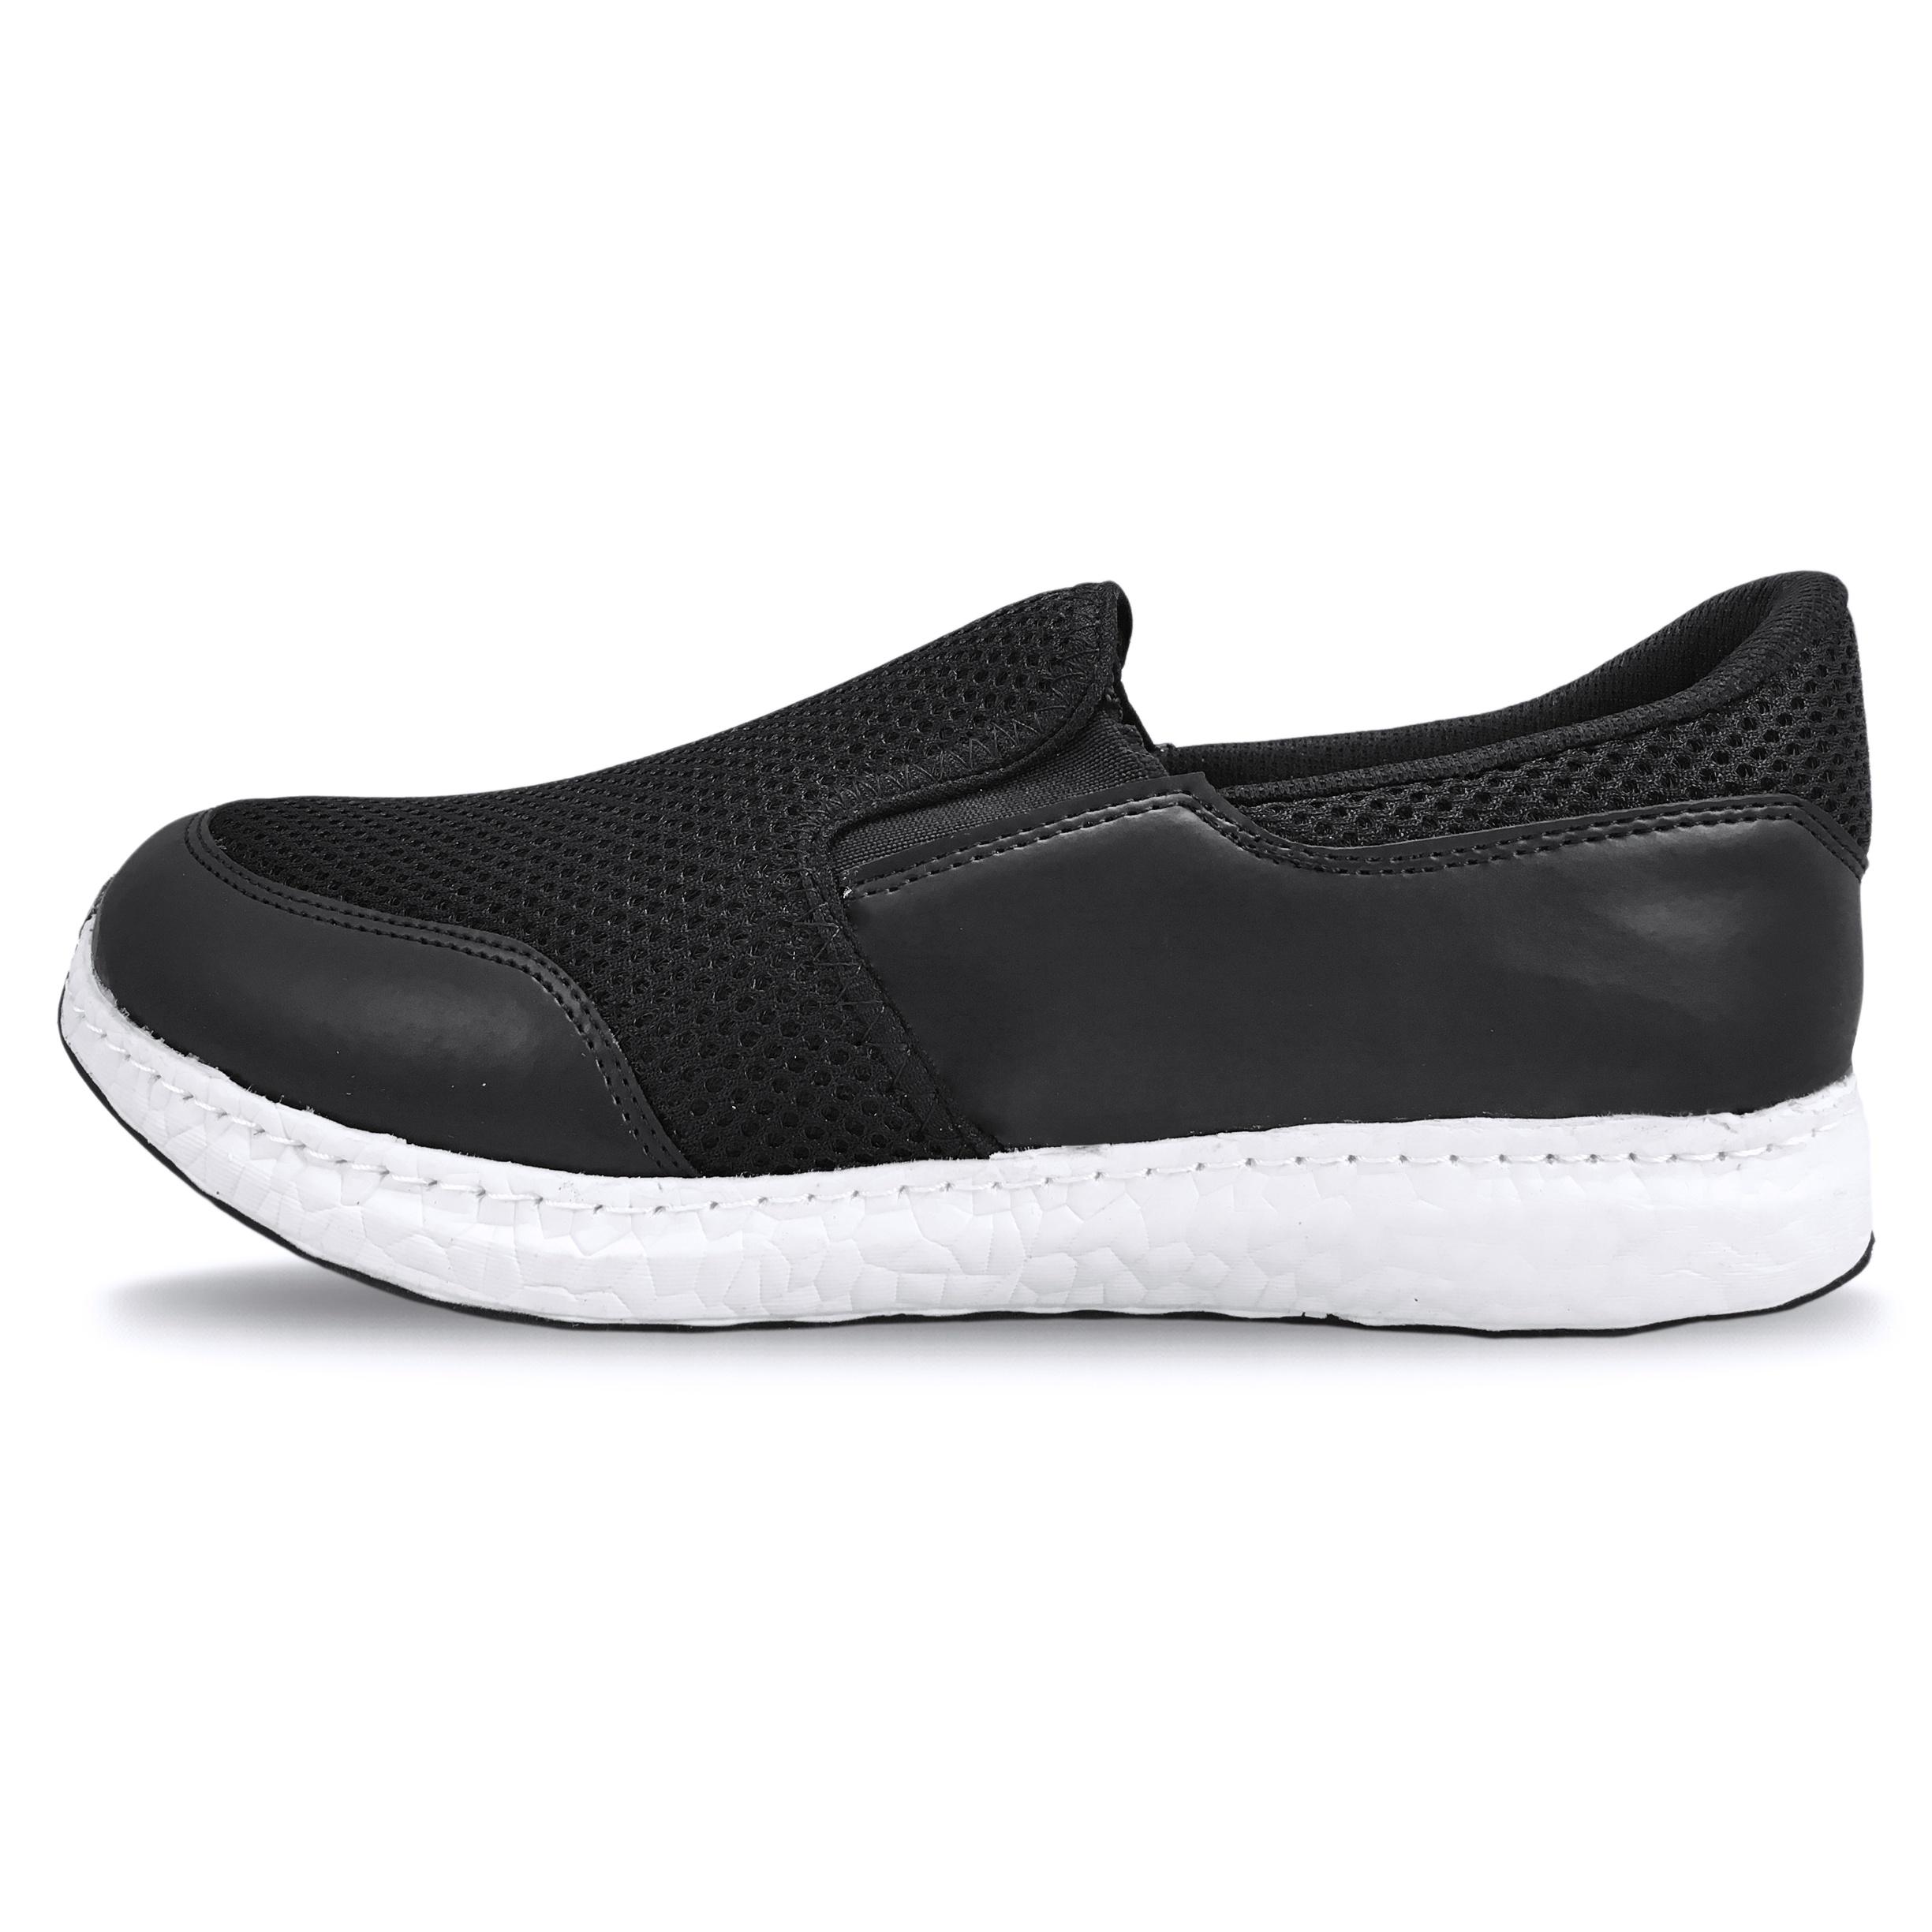 کفش مخصوص پیاده روی زنانه مدل رونیز کد 3609